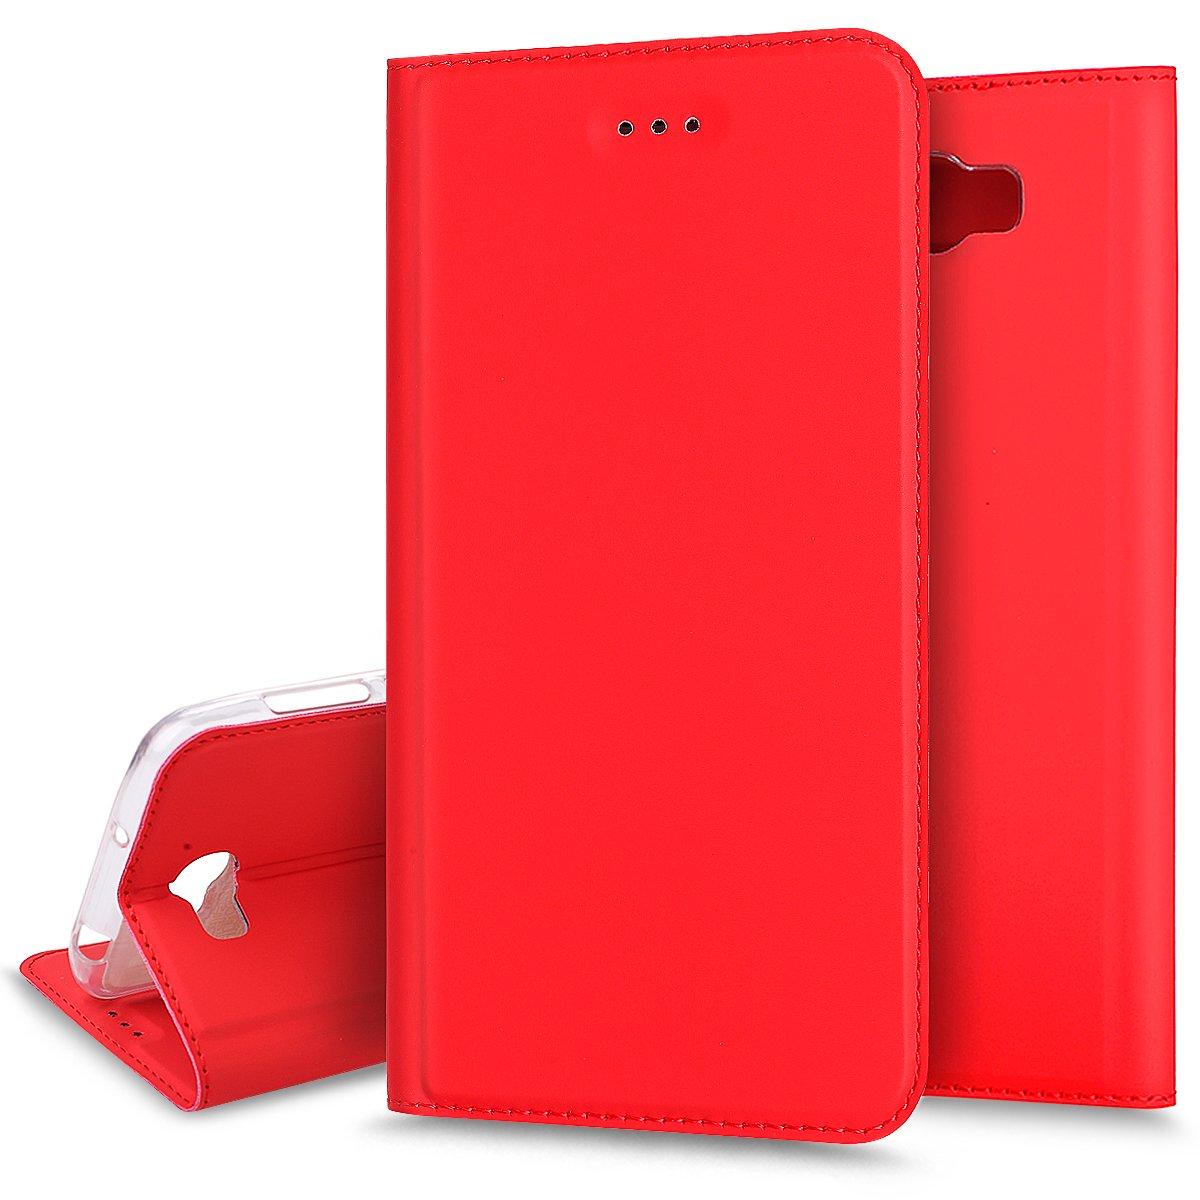 Huawei Y5 II caso, Huawei Y6 II compacto –  Funda Ukayfe Huawei Y5 II/Y6 II compacto funda de piel azul marino de Color só lido –  Y6 II Compact tipo cartera funda con tapa, [funci&oa